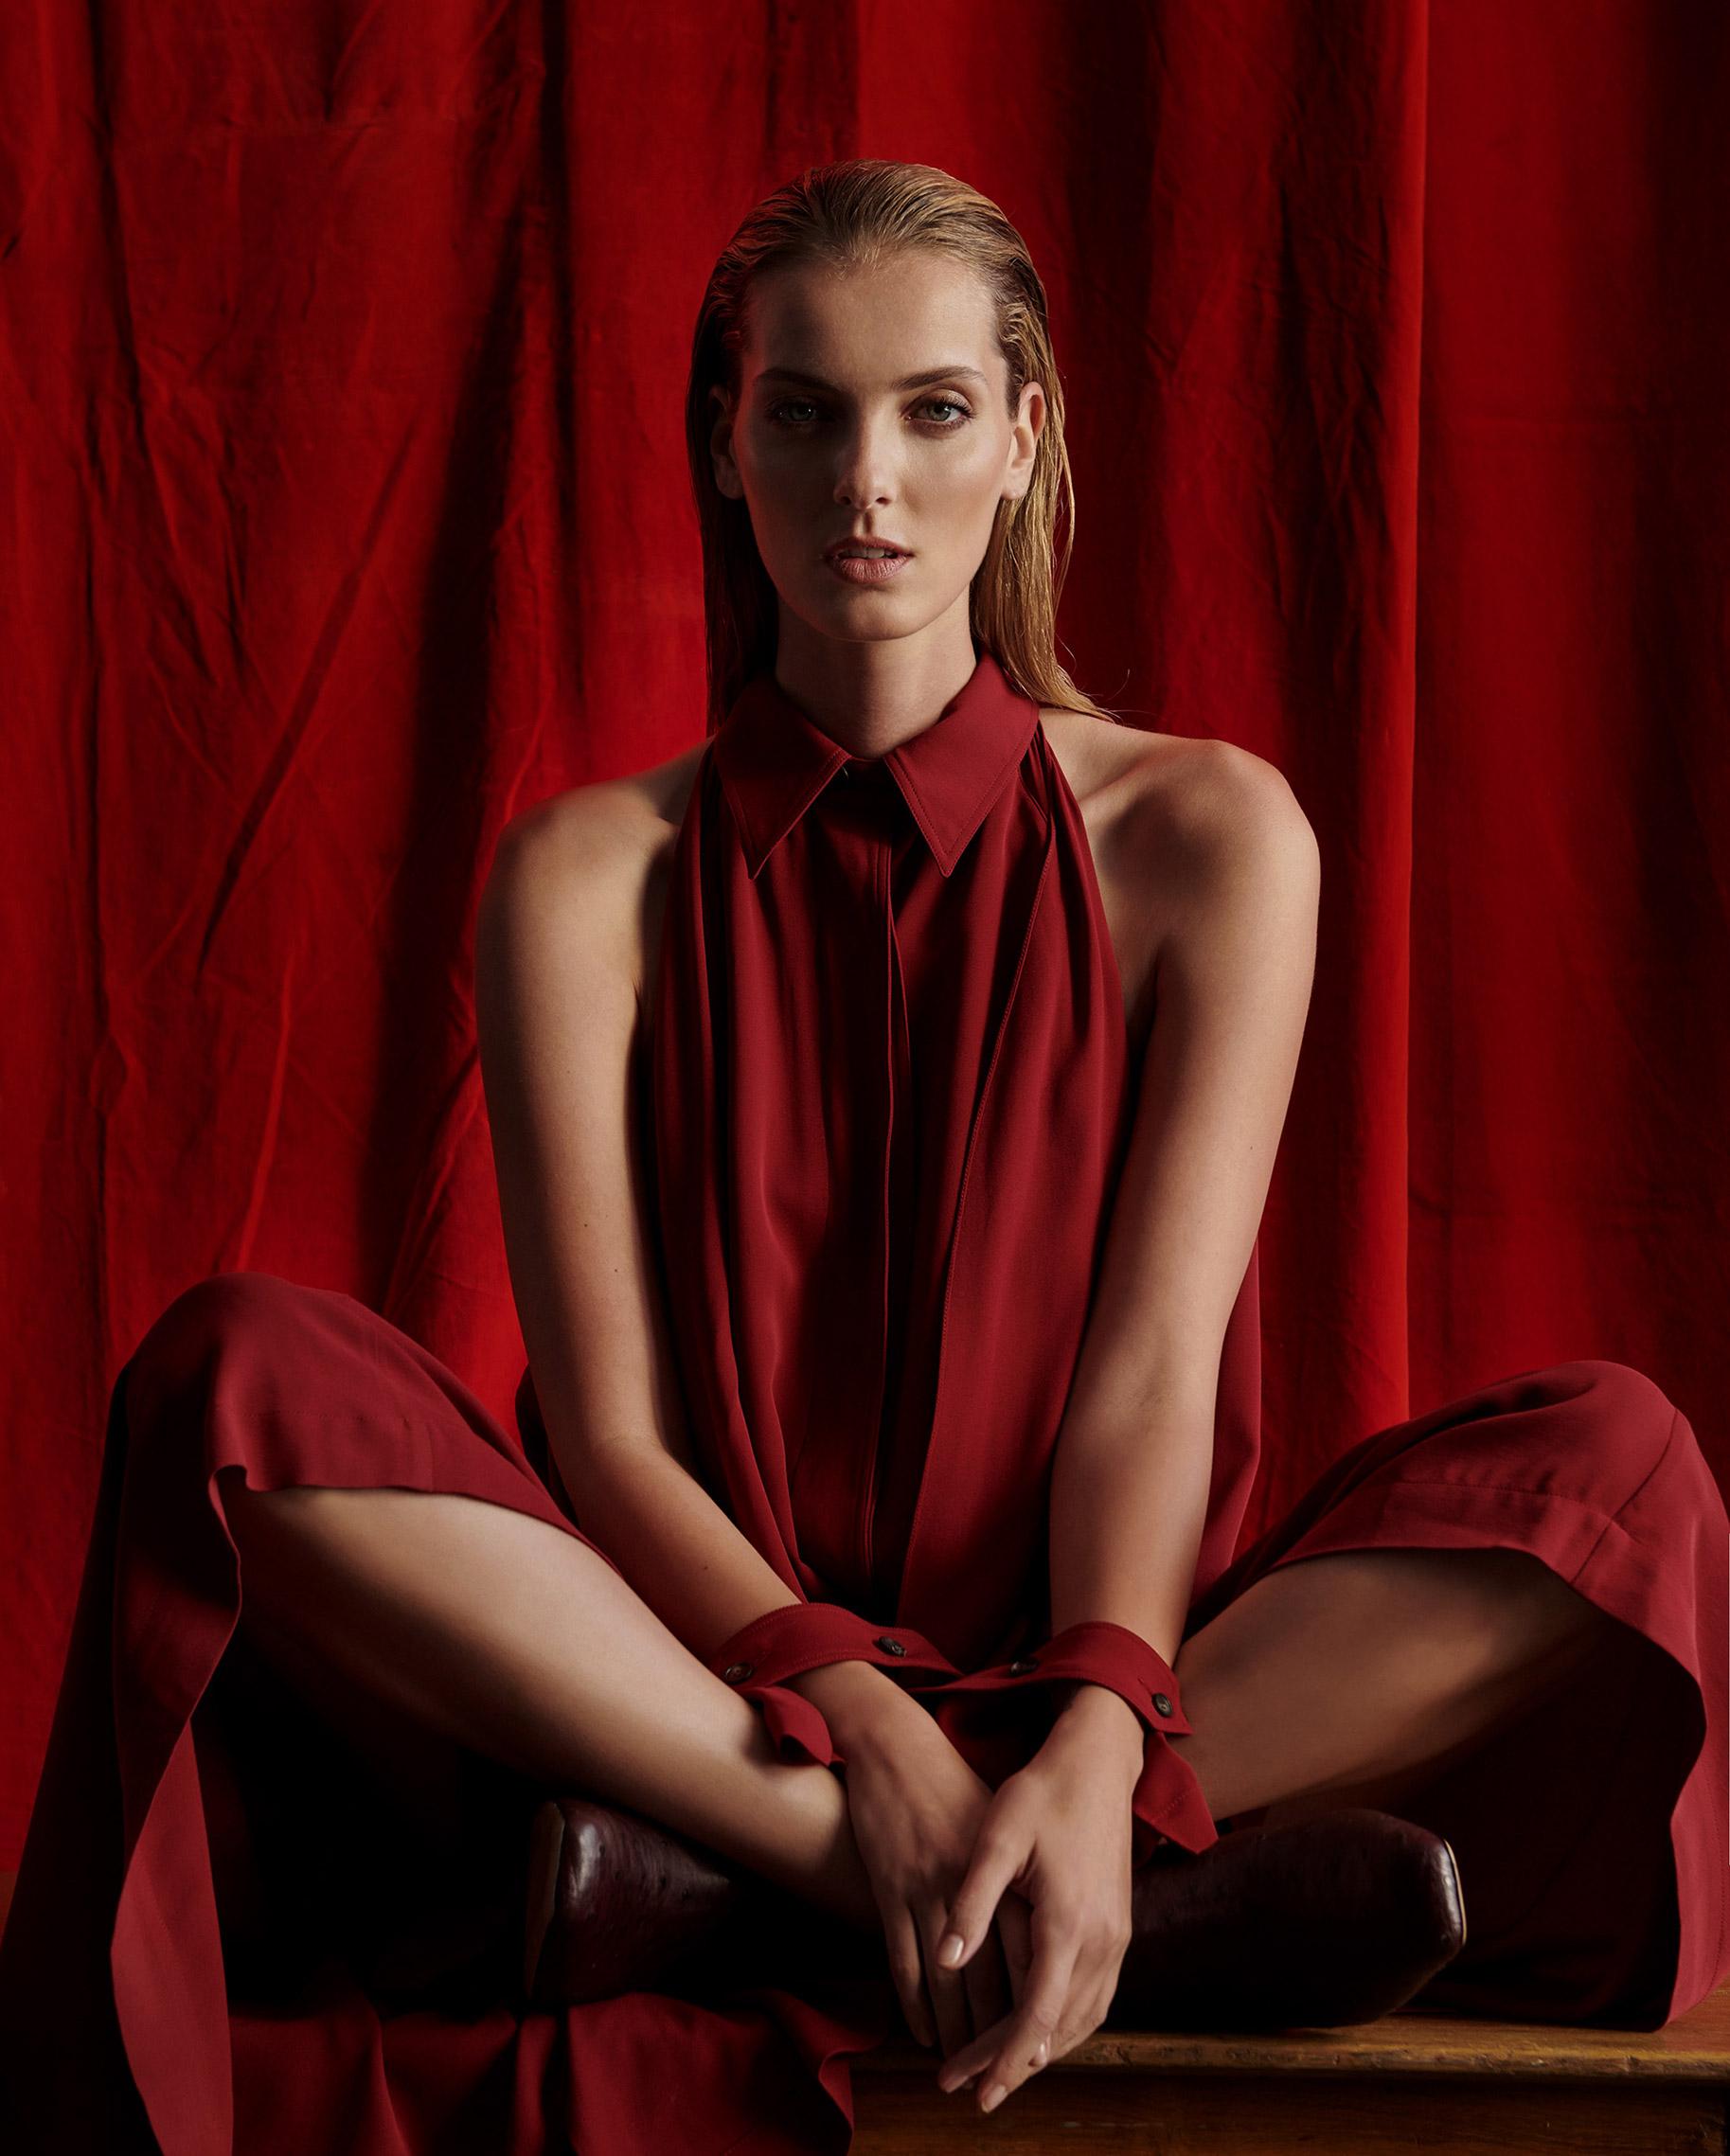 5 World Elite Model Look winner by Andreas Ortner - Dolce Vita CZ Magazine september 2018